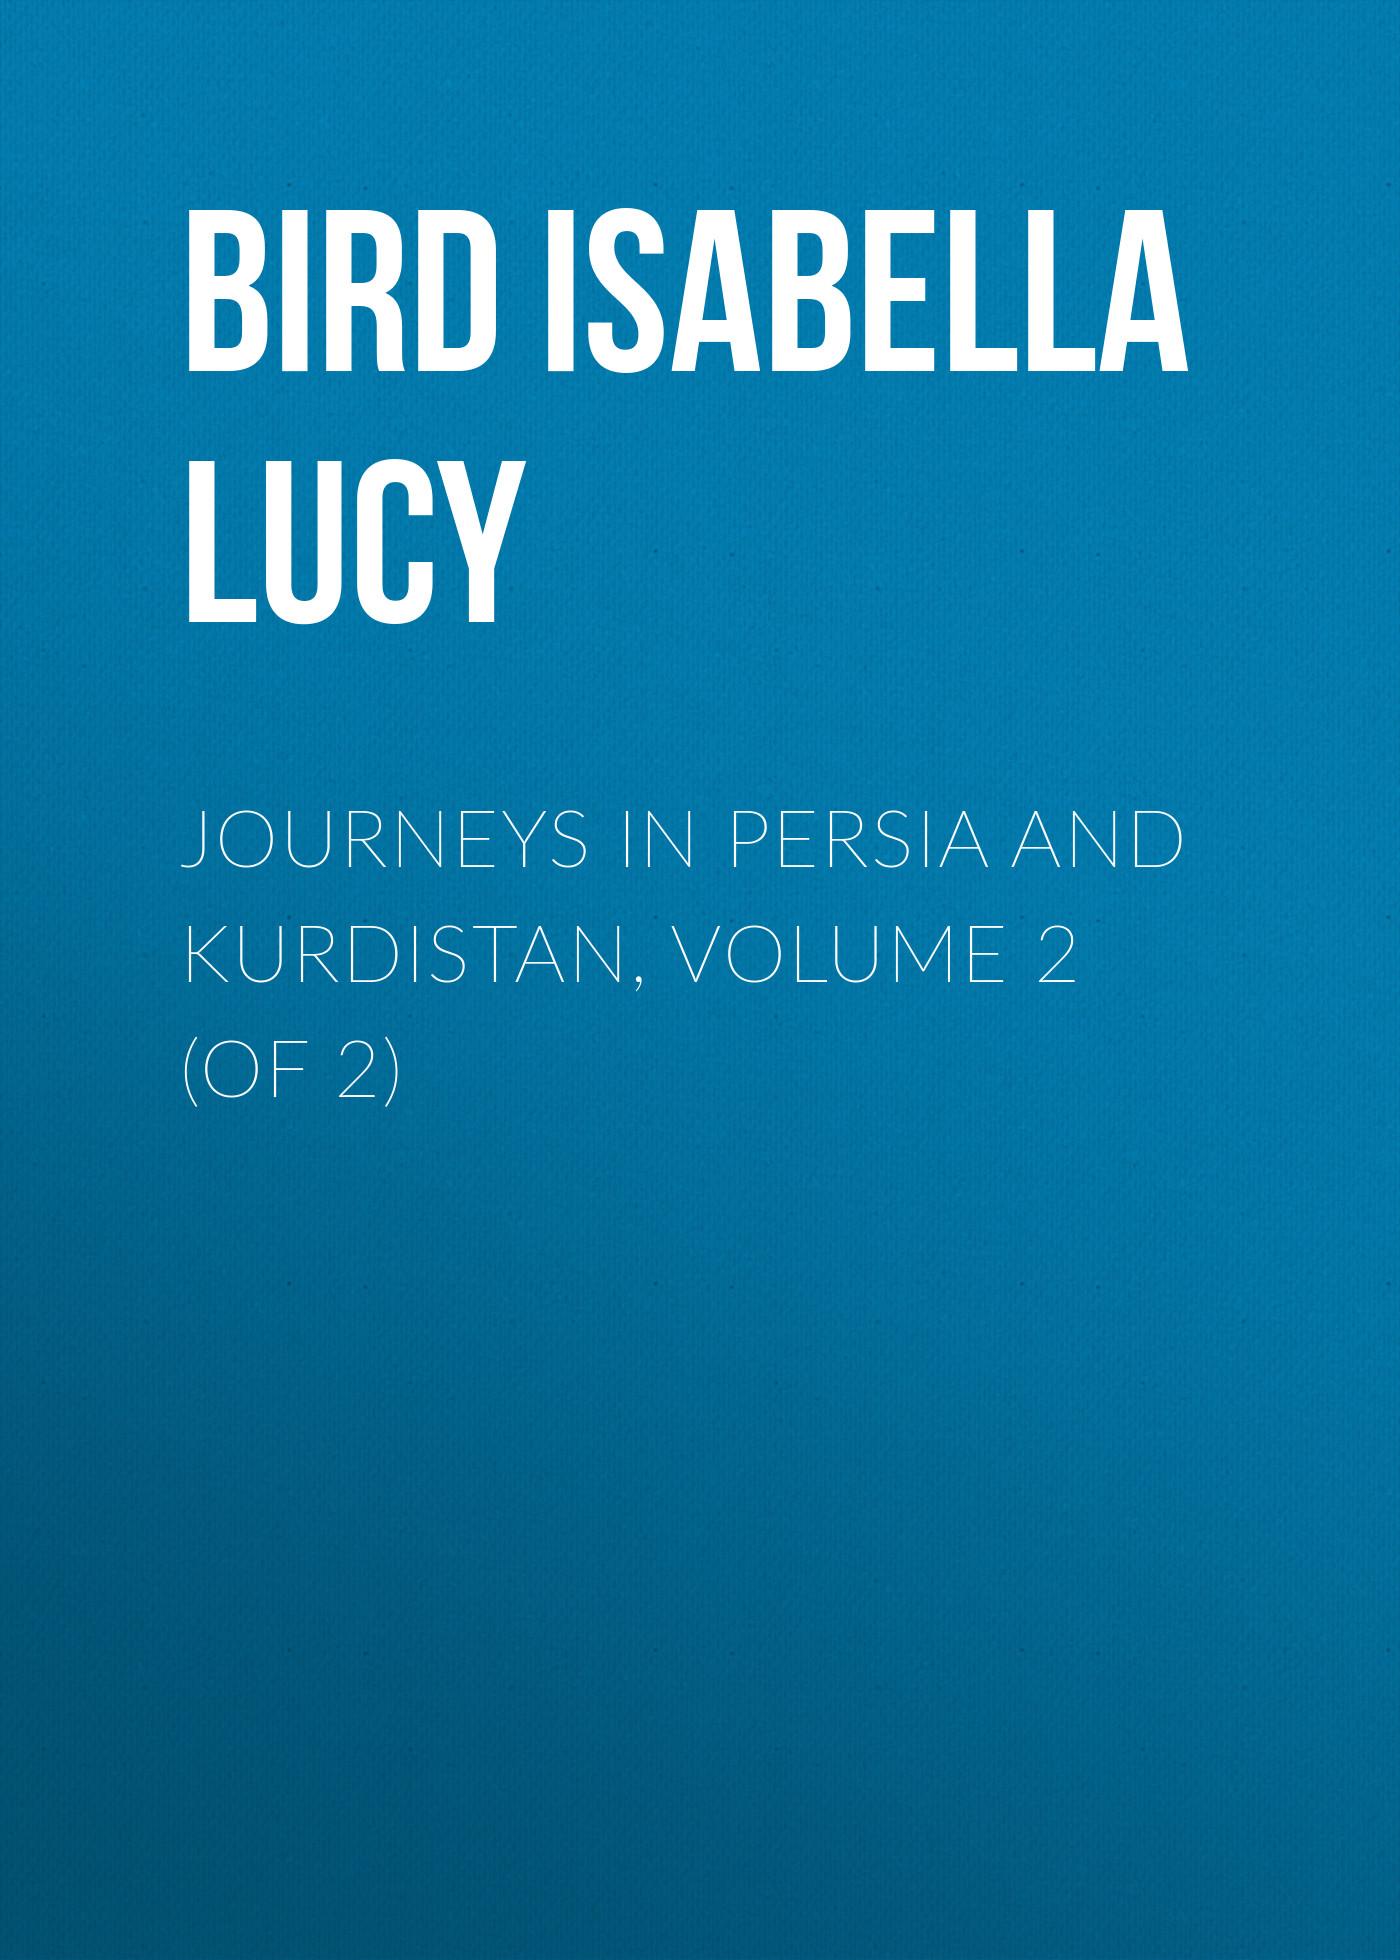 Bird Isabella Lucy Journeys in Persia and Kurdistan, Volume 2 (of 2)